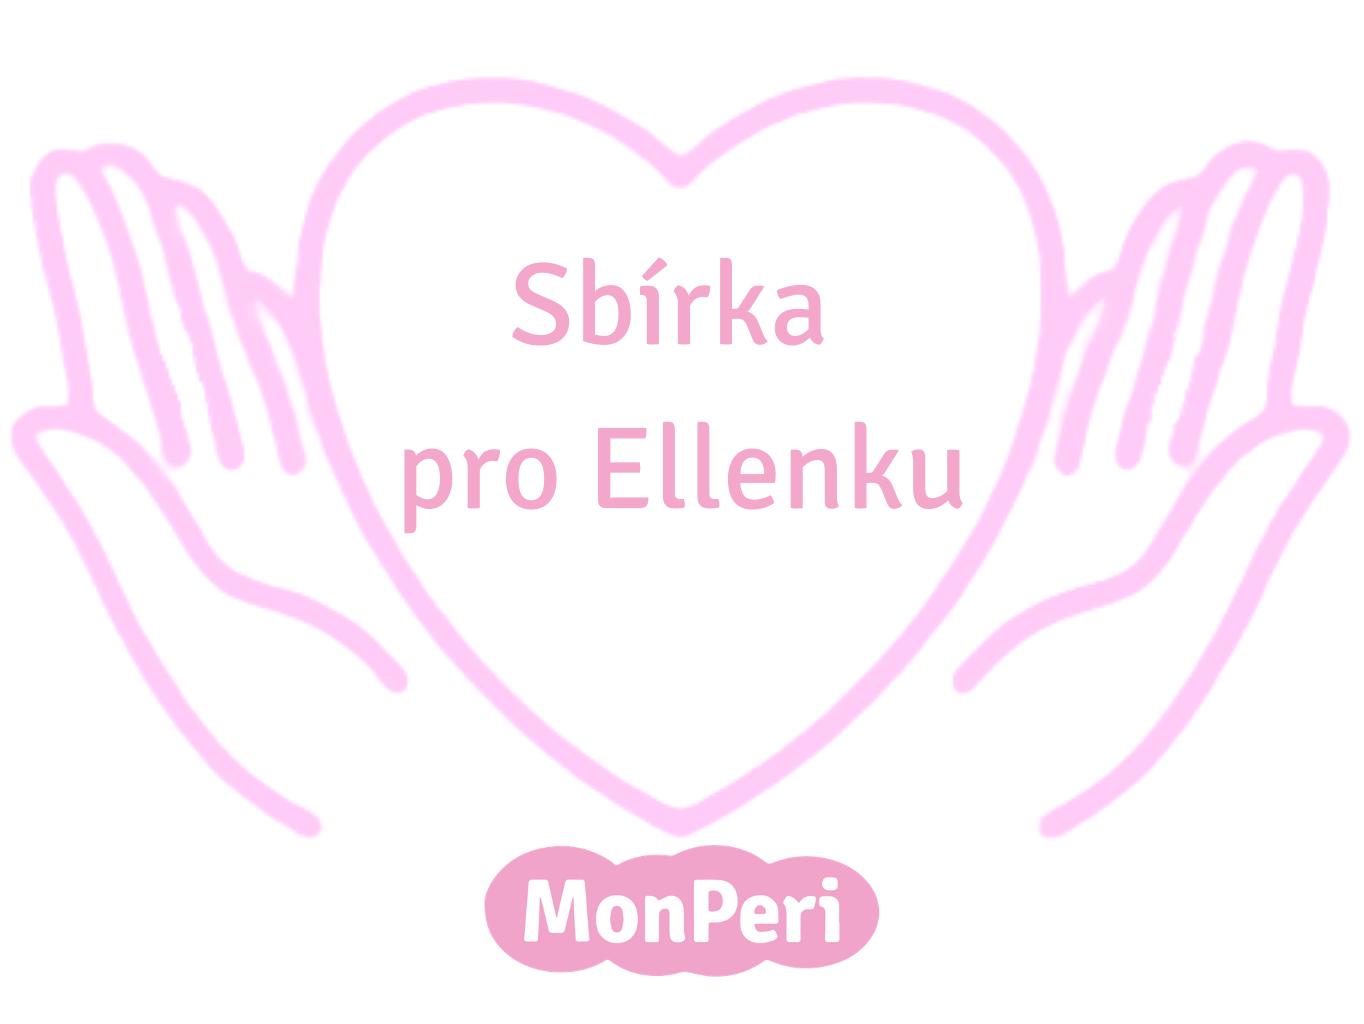 Sbírka pro Ellenku - Pomáháme s MonPeri